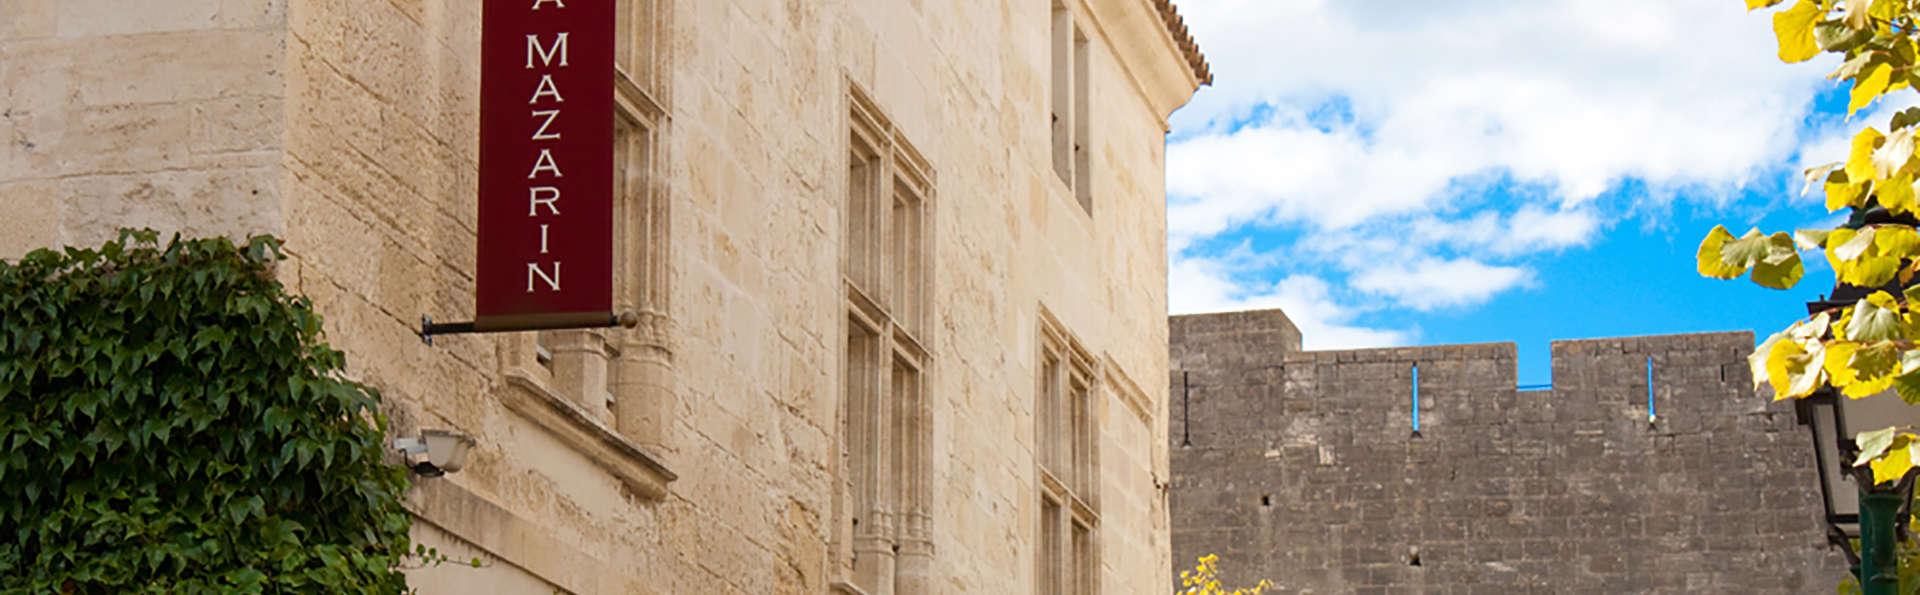 Villa Mazarin Aigues Mortes - Edit_Front2.jpg